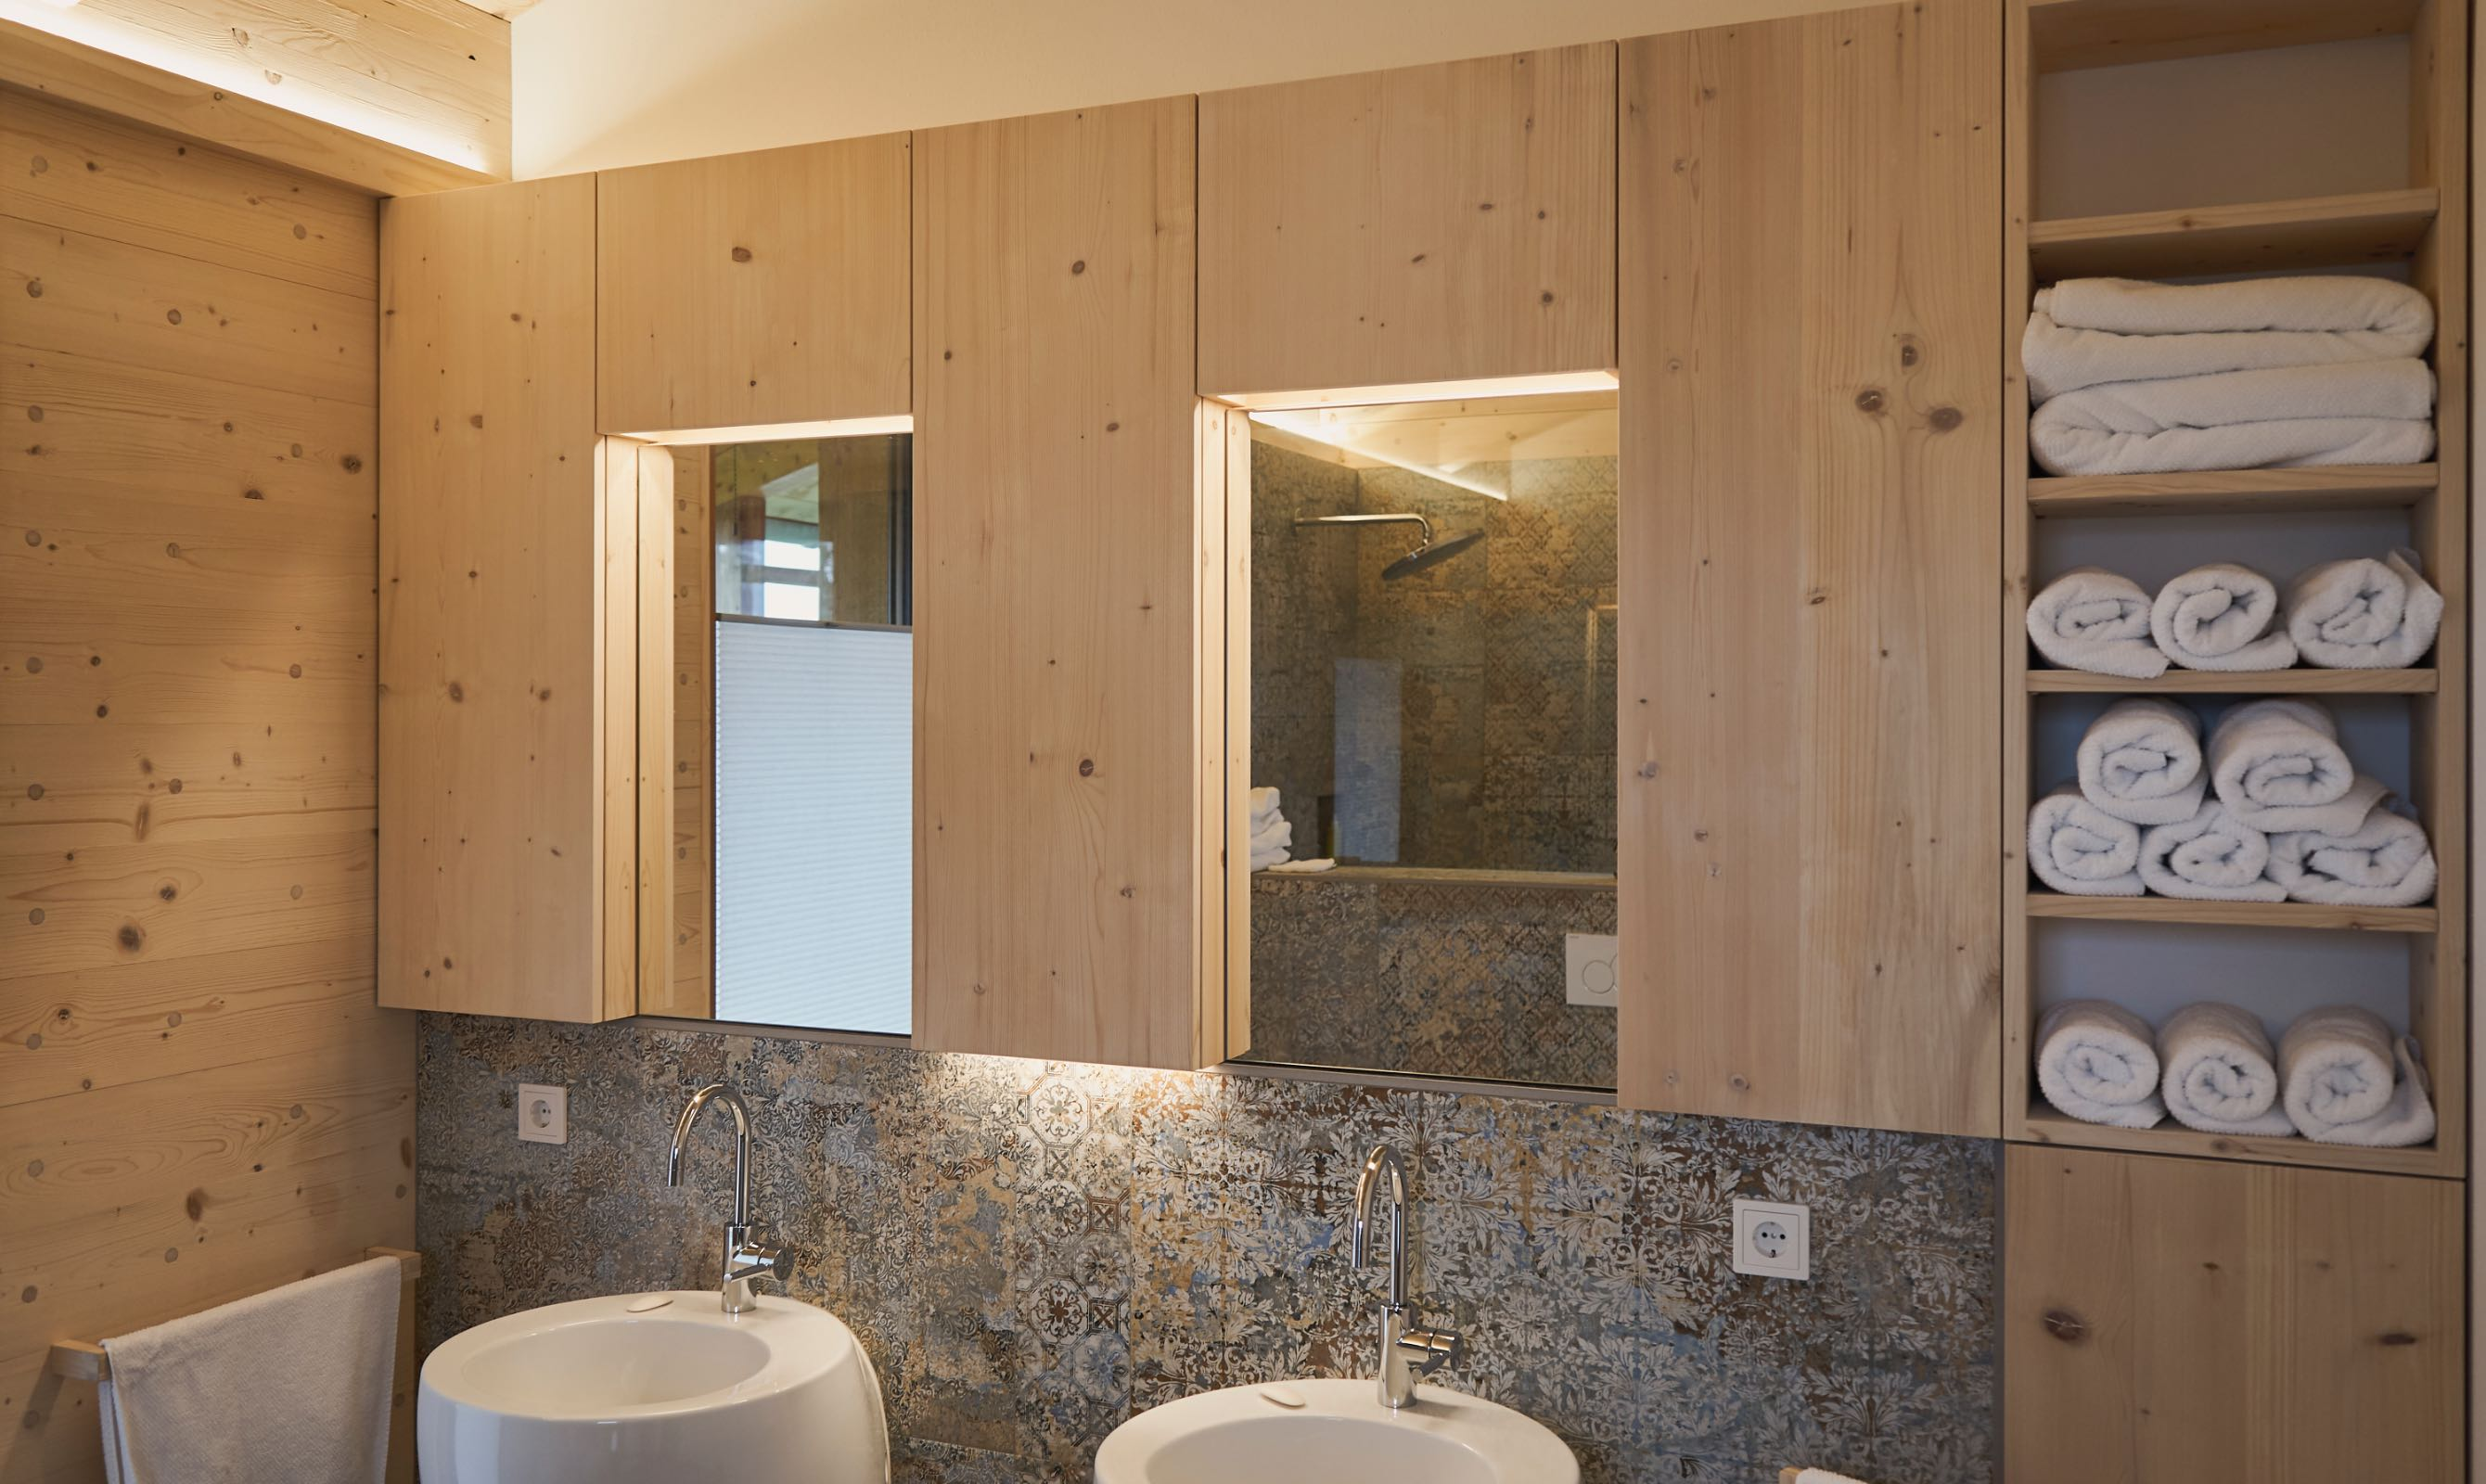 Badschrank mit Handtuchfächern